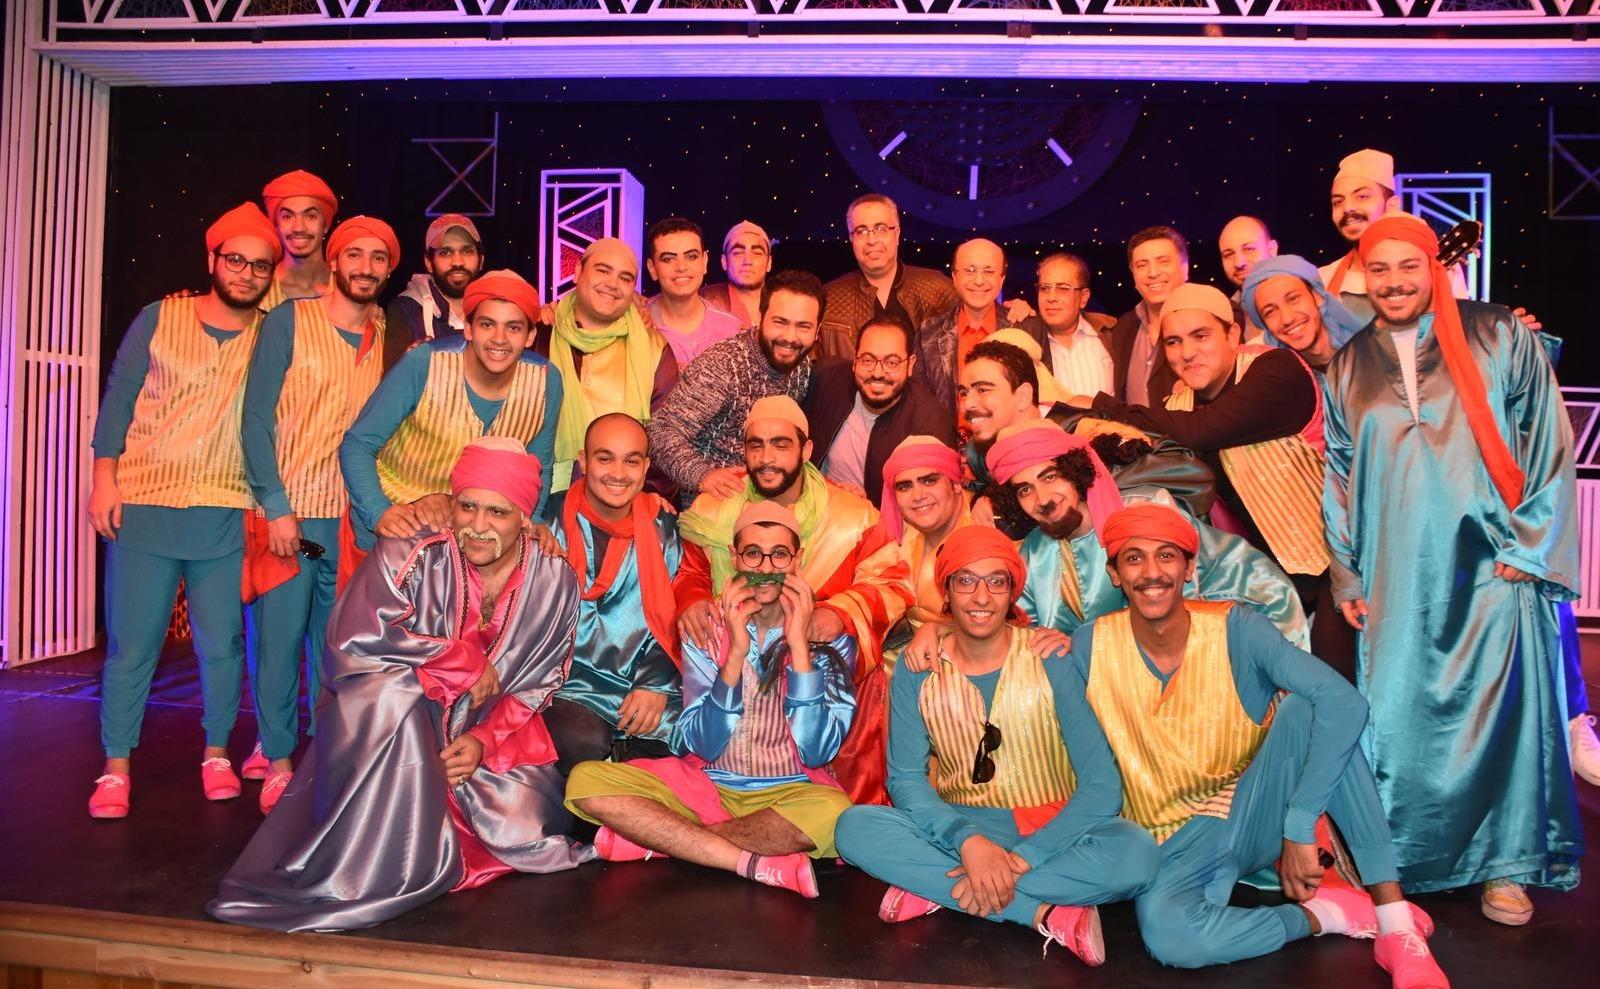 انطلاق فعاليات البيت الفني على مسرح جامعة عين شمس بـ«السيرة الهلامية»